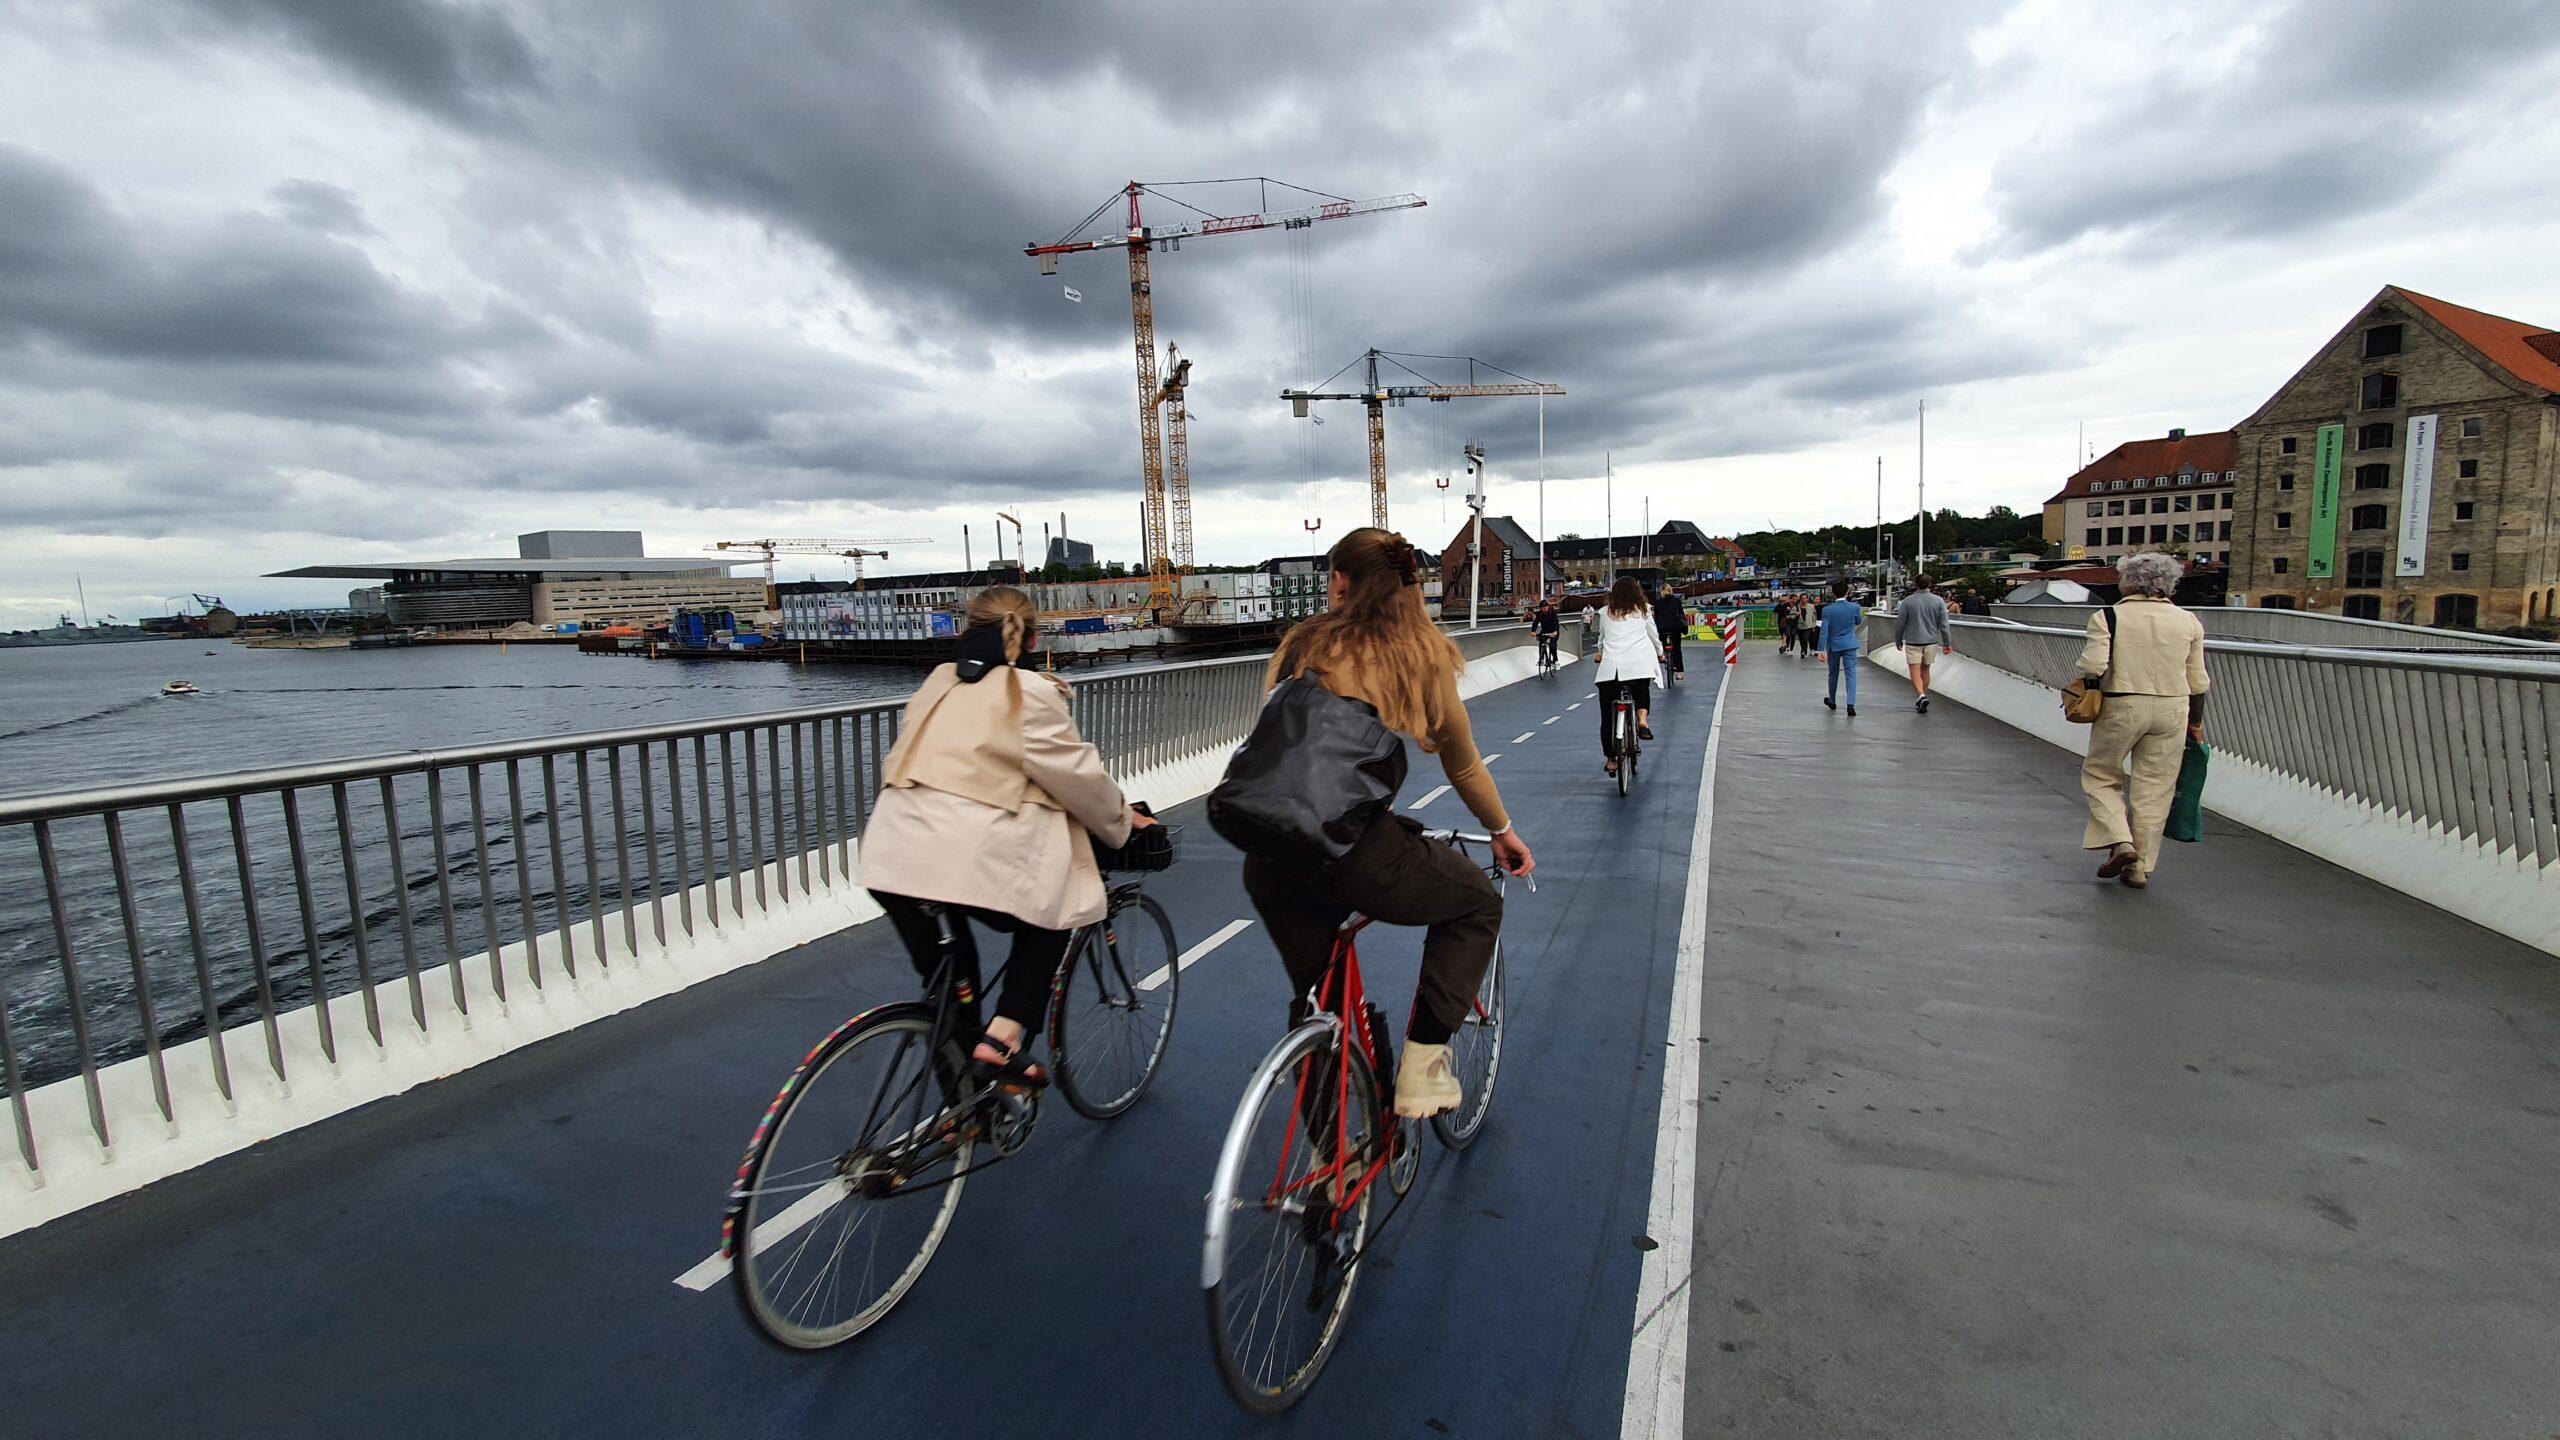 Wyprawa rowerowa, trójkołowy rower poziomy, Rowerem przez Danię